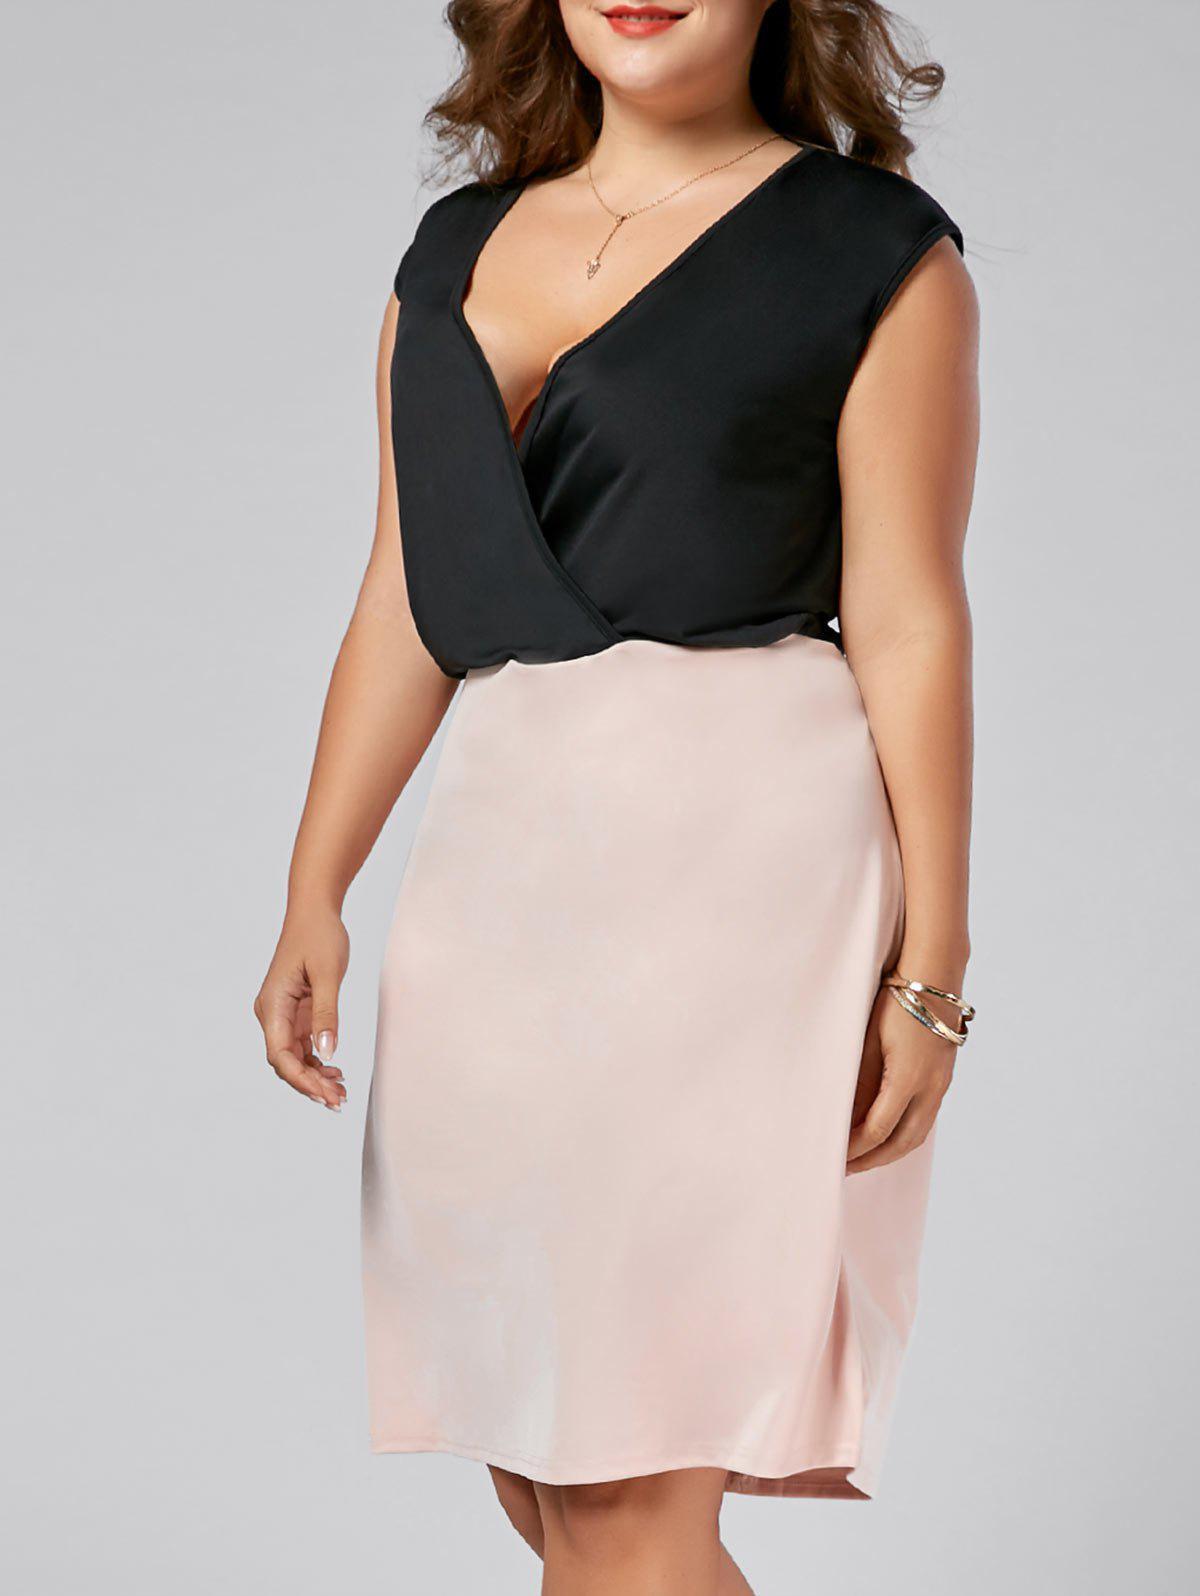 Plus Size V Neck Sleeveless Sheath Dress